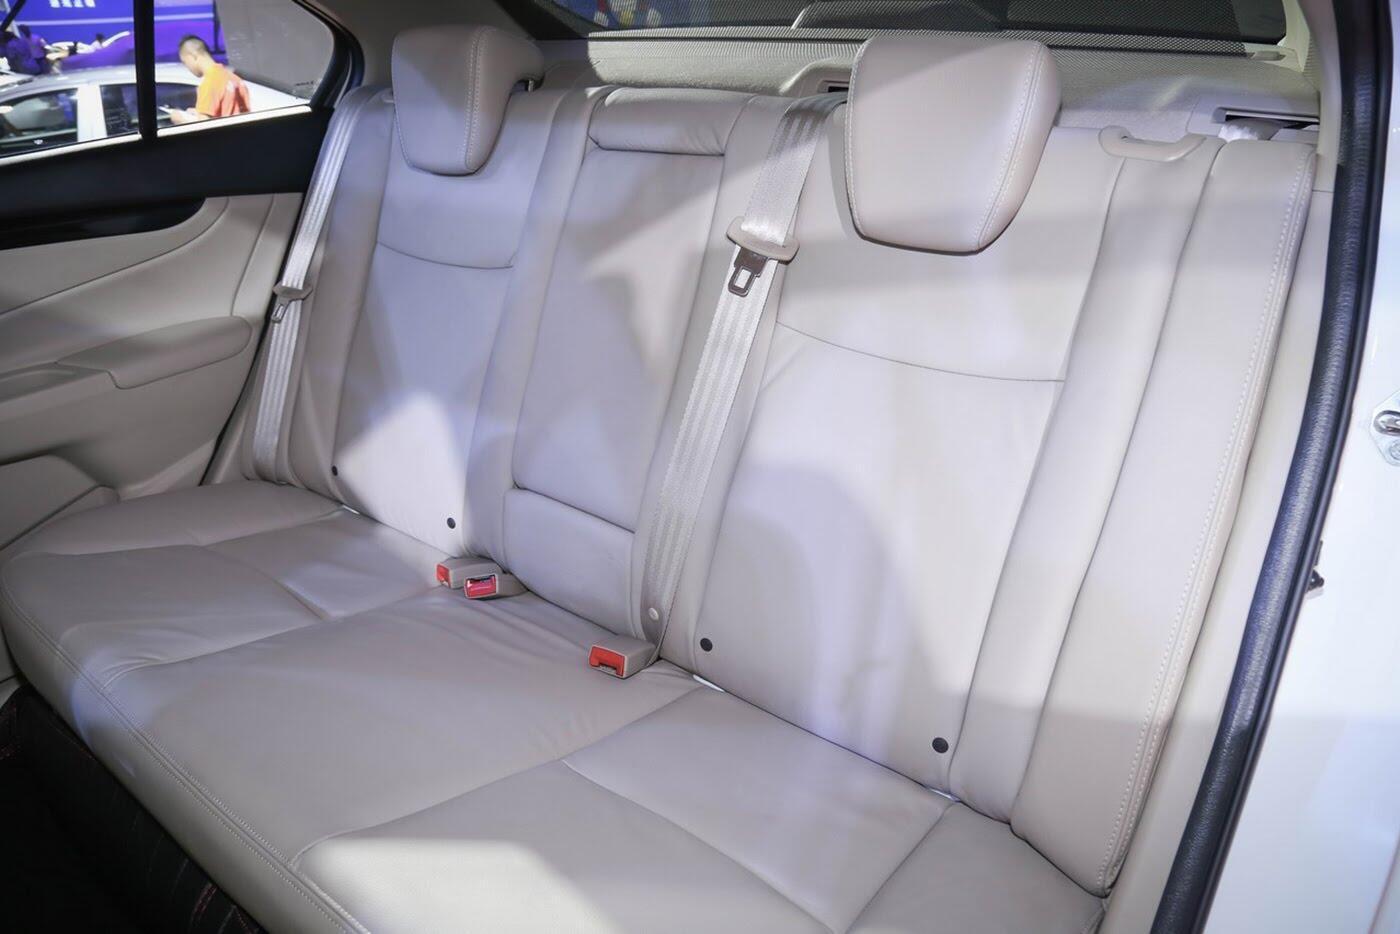 Suzuki Ciaz bản nâng cấp chính thức lộ diện - Hình 10